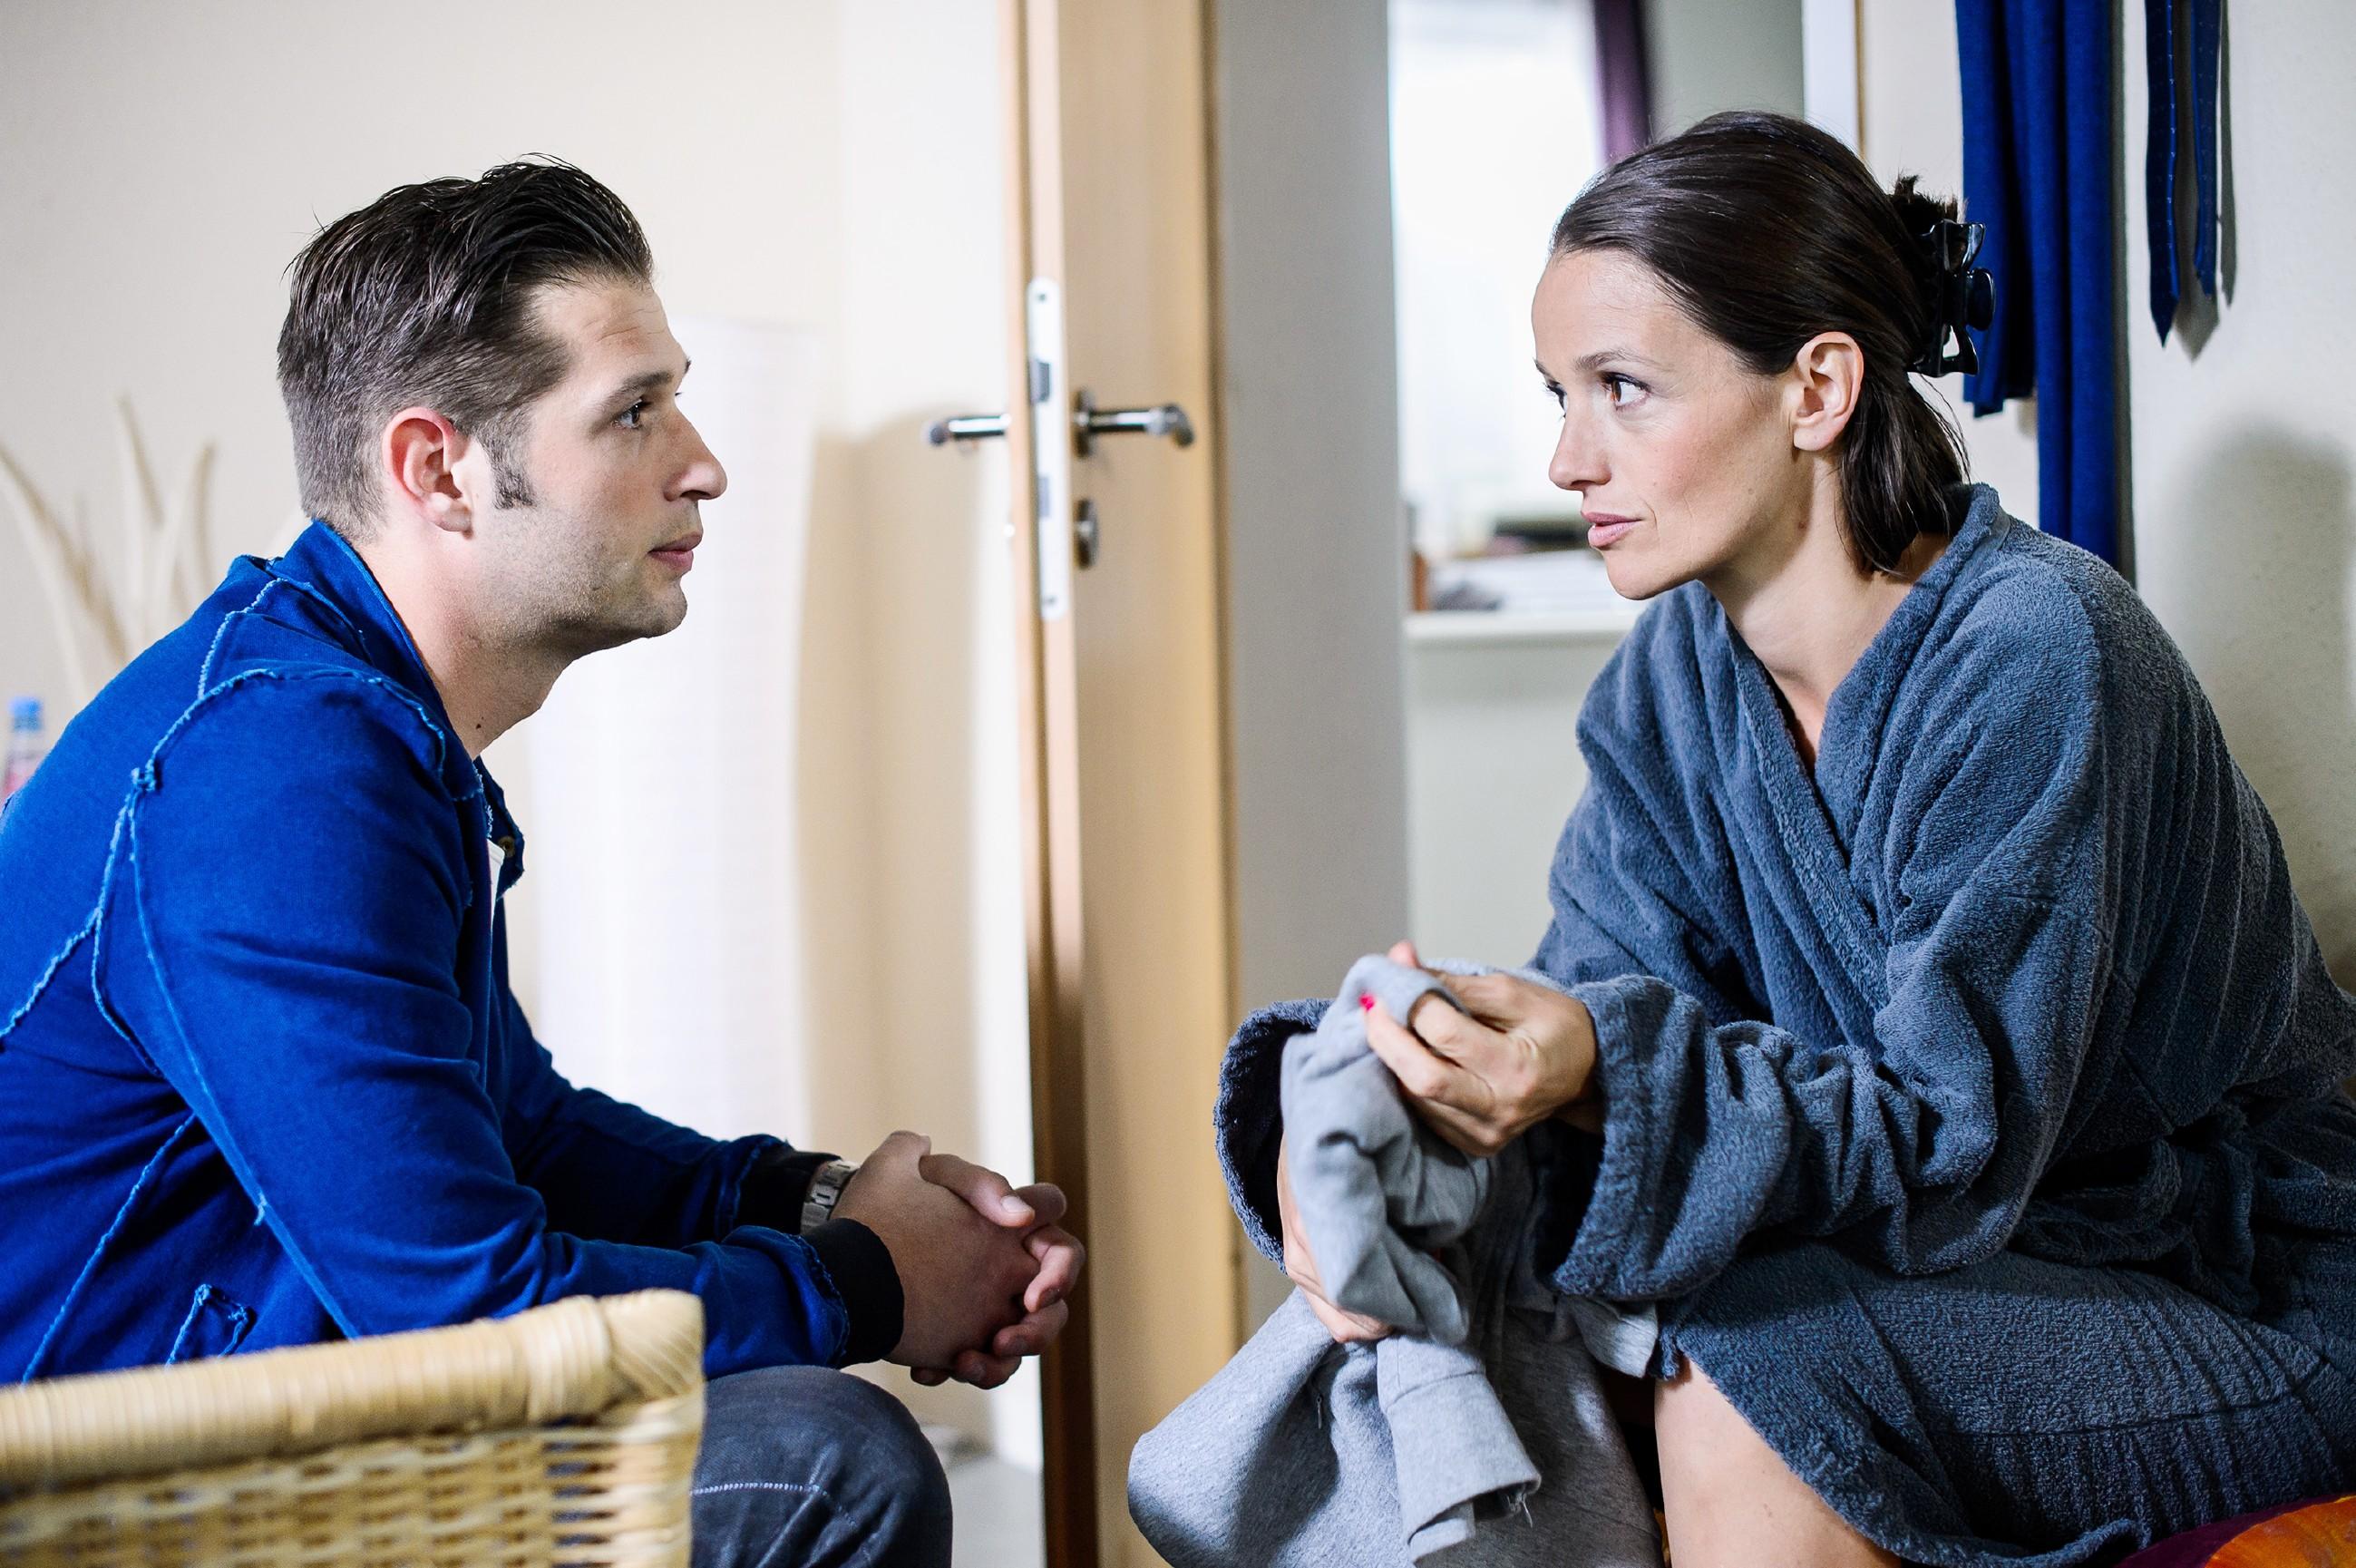 Jenny (Kaja Schmidt-Tychsen) berührt es, dass Deniz (Igor Dolgatschew) an ihre Unschuld glaubt - im Gegensatz zu Ihrer Mutter. (Quelle: RTL / Willi Weber)